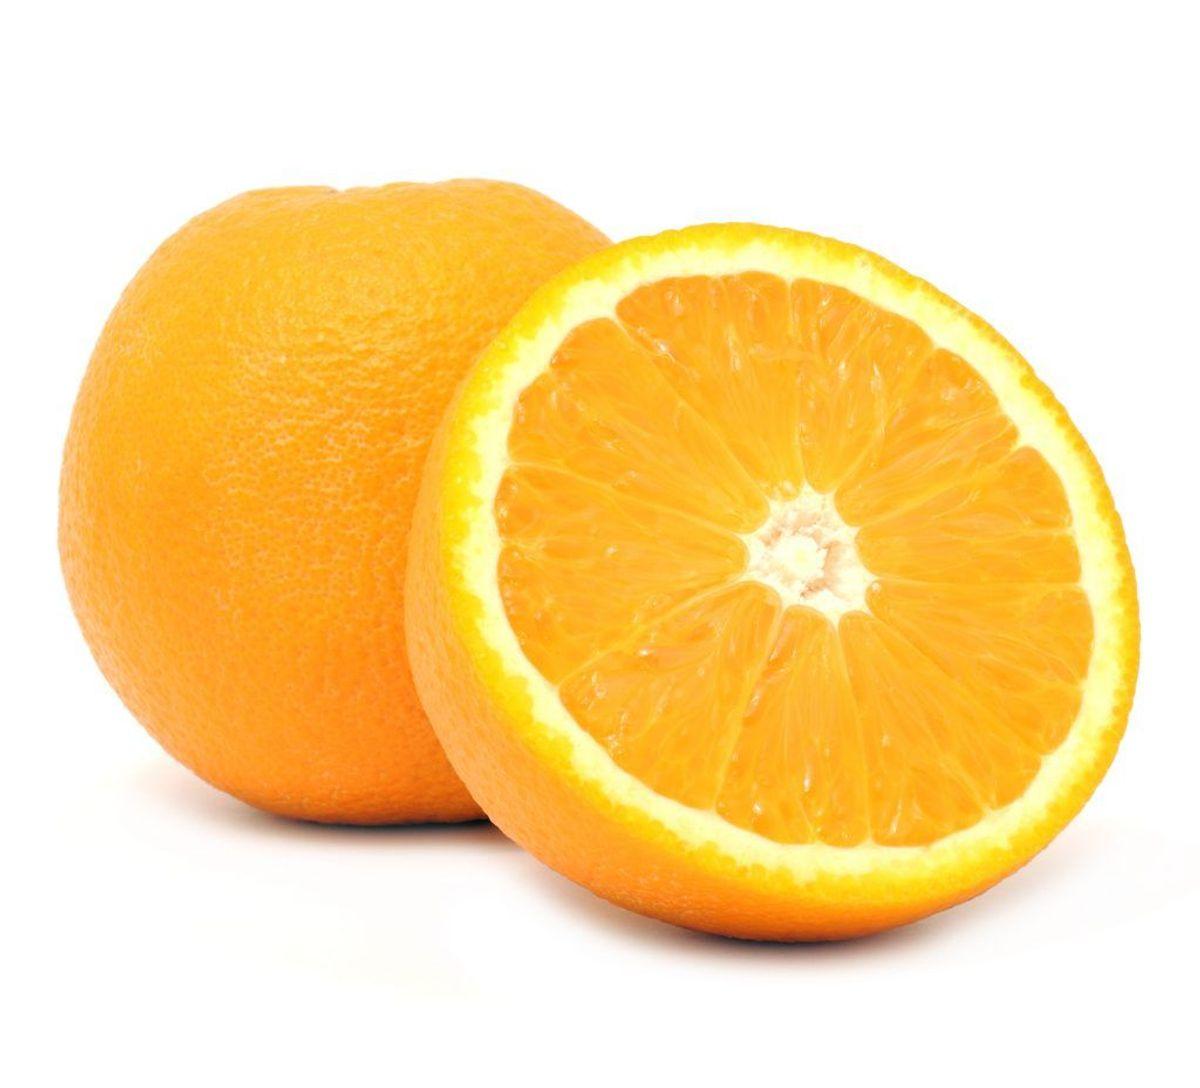 Appelsiner. Kilde: Videnskab.dk. Arkivfoto.